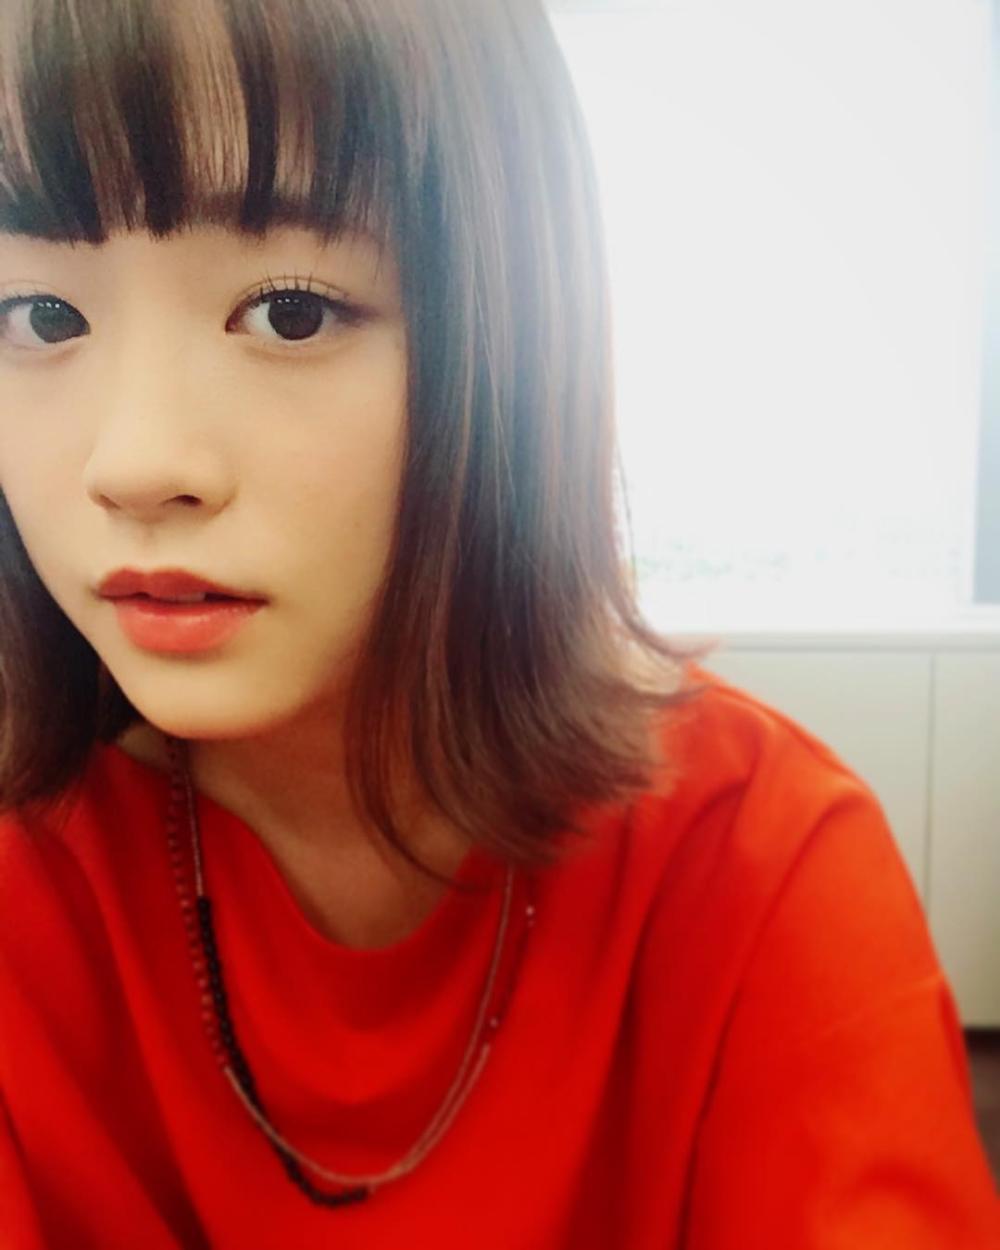 熱愛彼氏は人気俳優 歌手で大人気の大原櫻子のインスタグラムをのぞいてみよう Colorful Instagram インスタグラムをもっと楽しく ジャパニーズビューティー 髪型 ボブ 大原